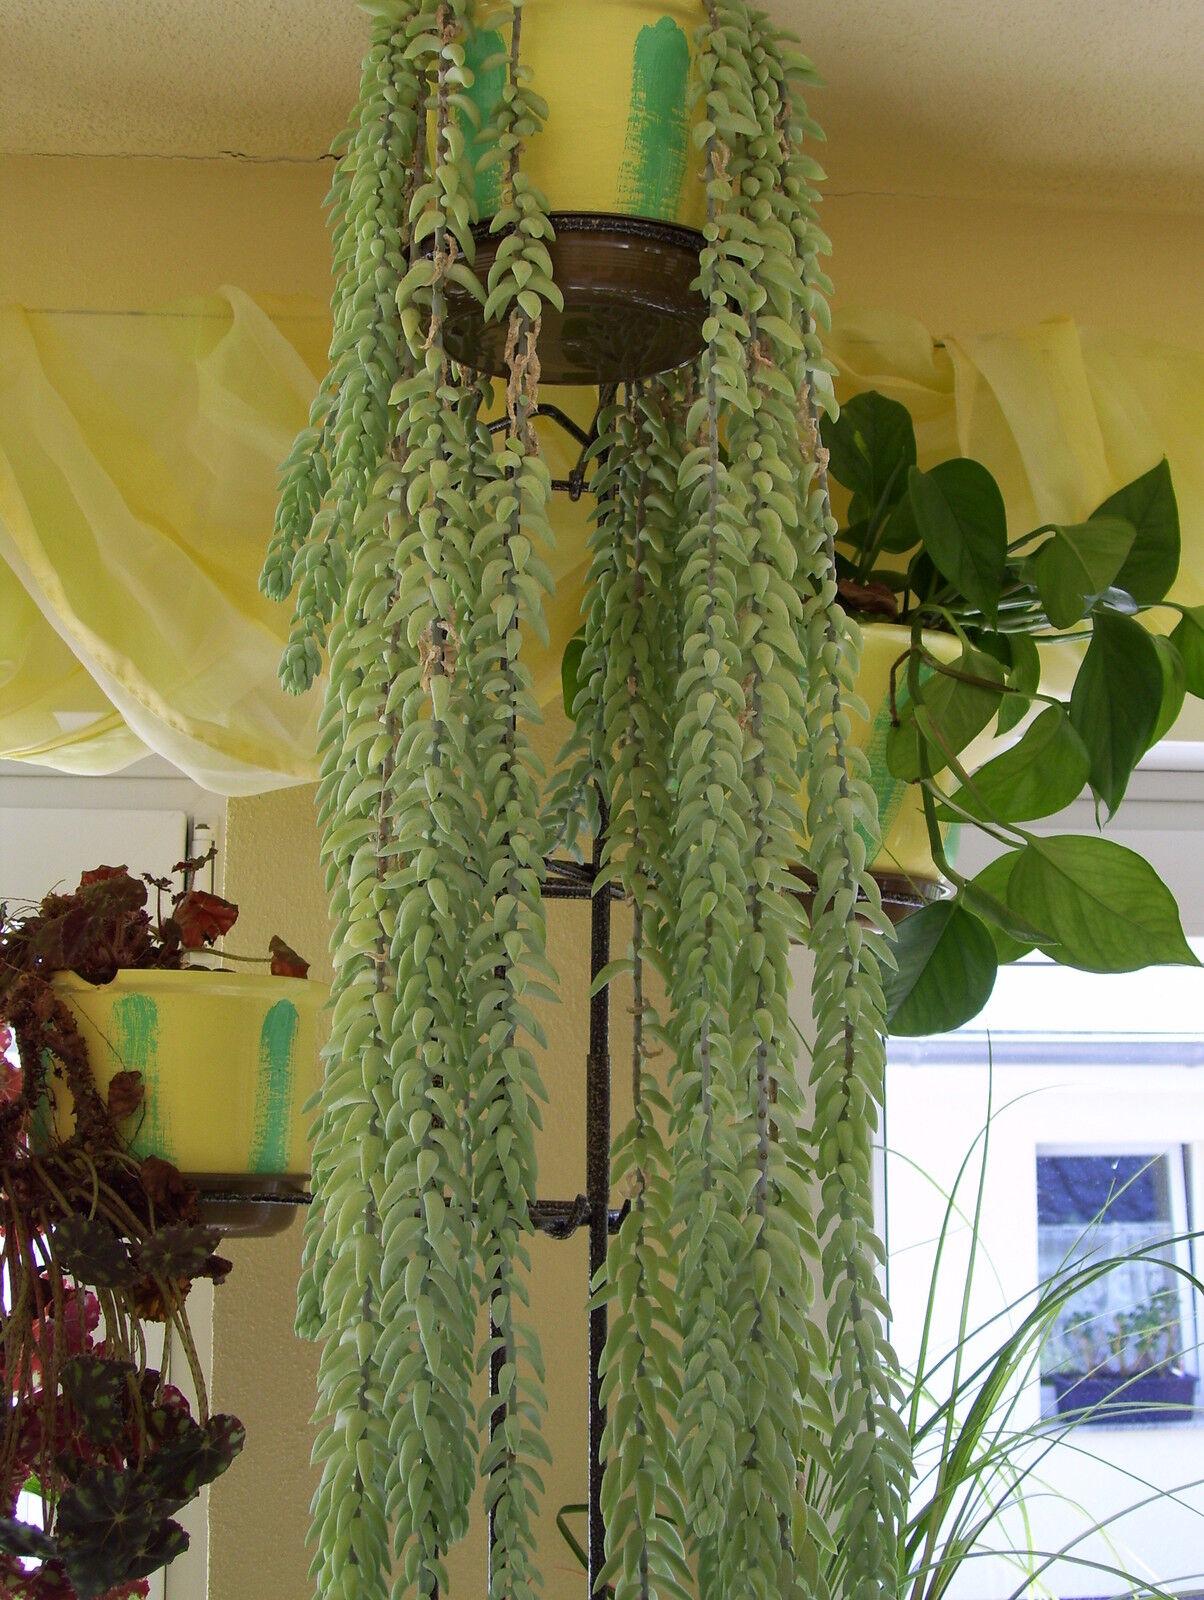 Sedum morganium affenschaukel fetthenne zimmerpflanze 10 - Zimmerpflanze rankend ...